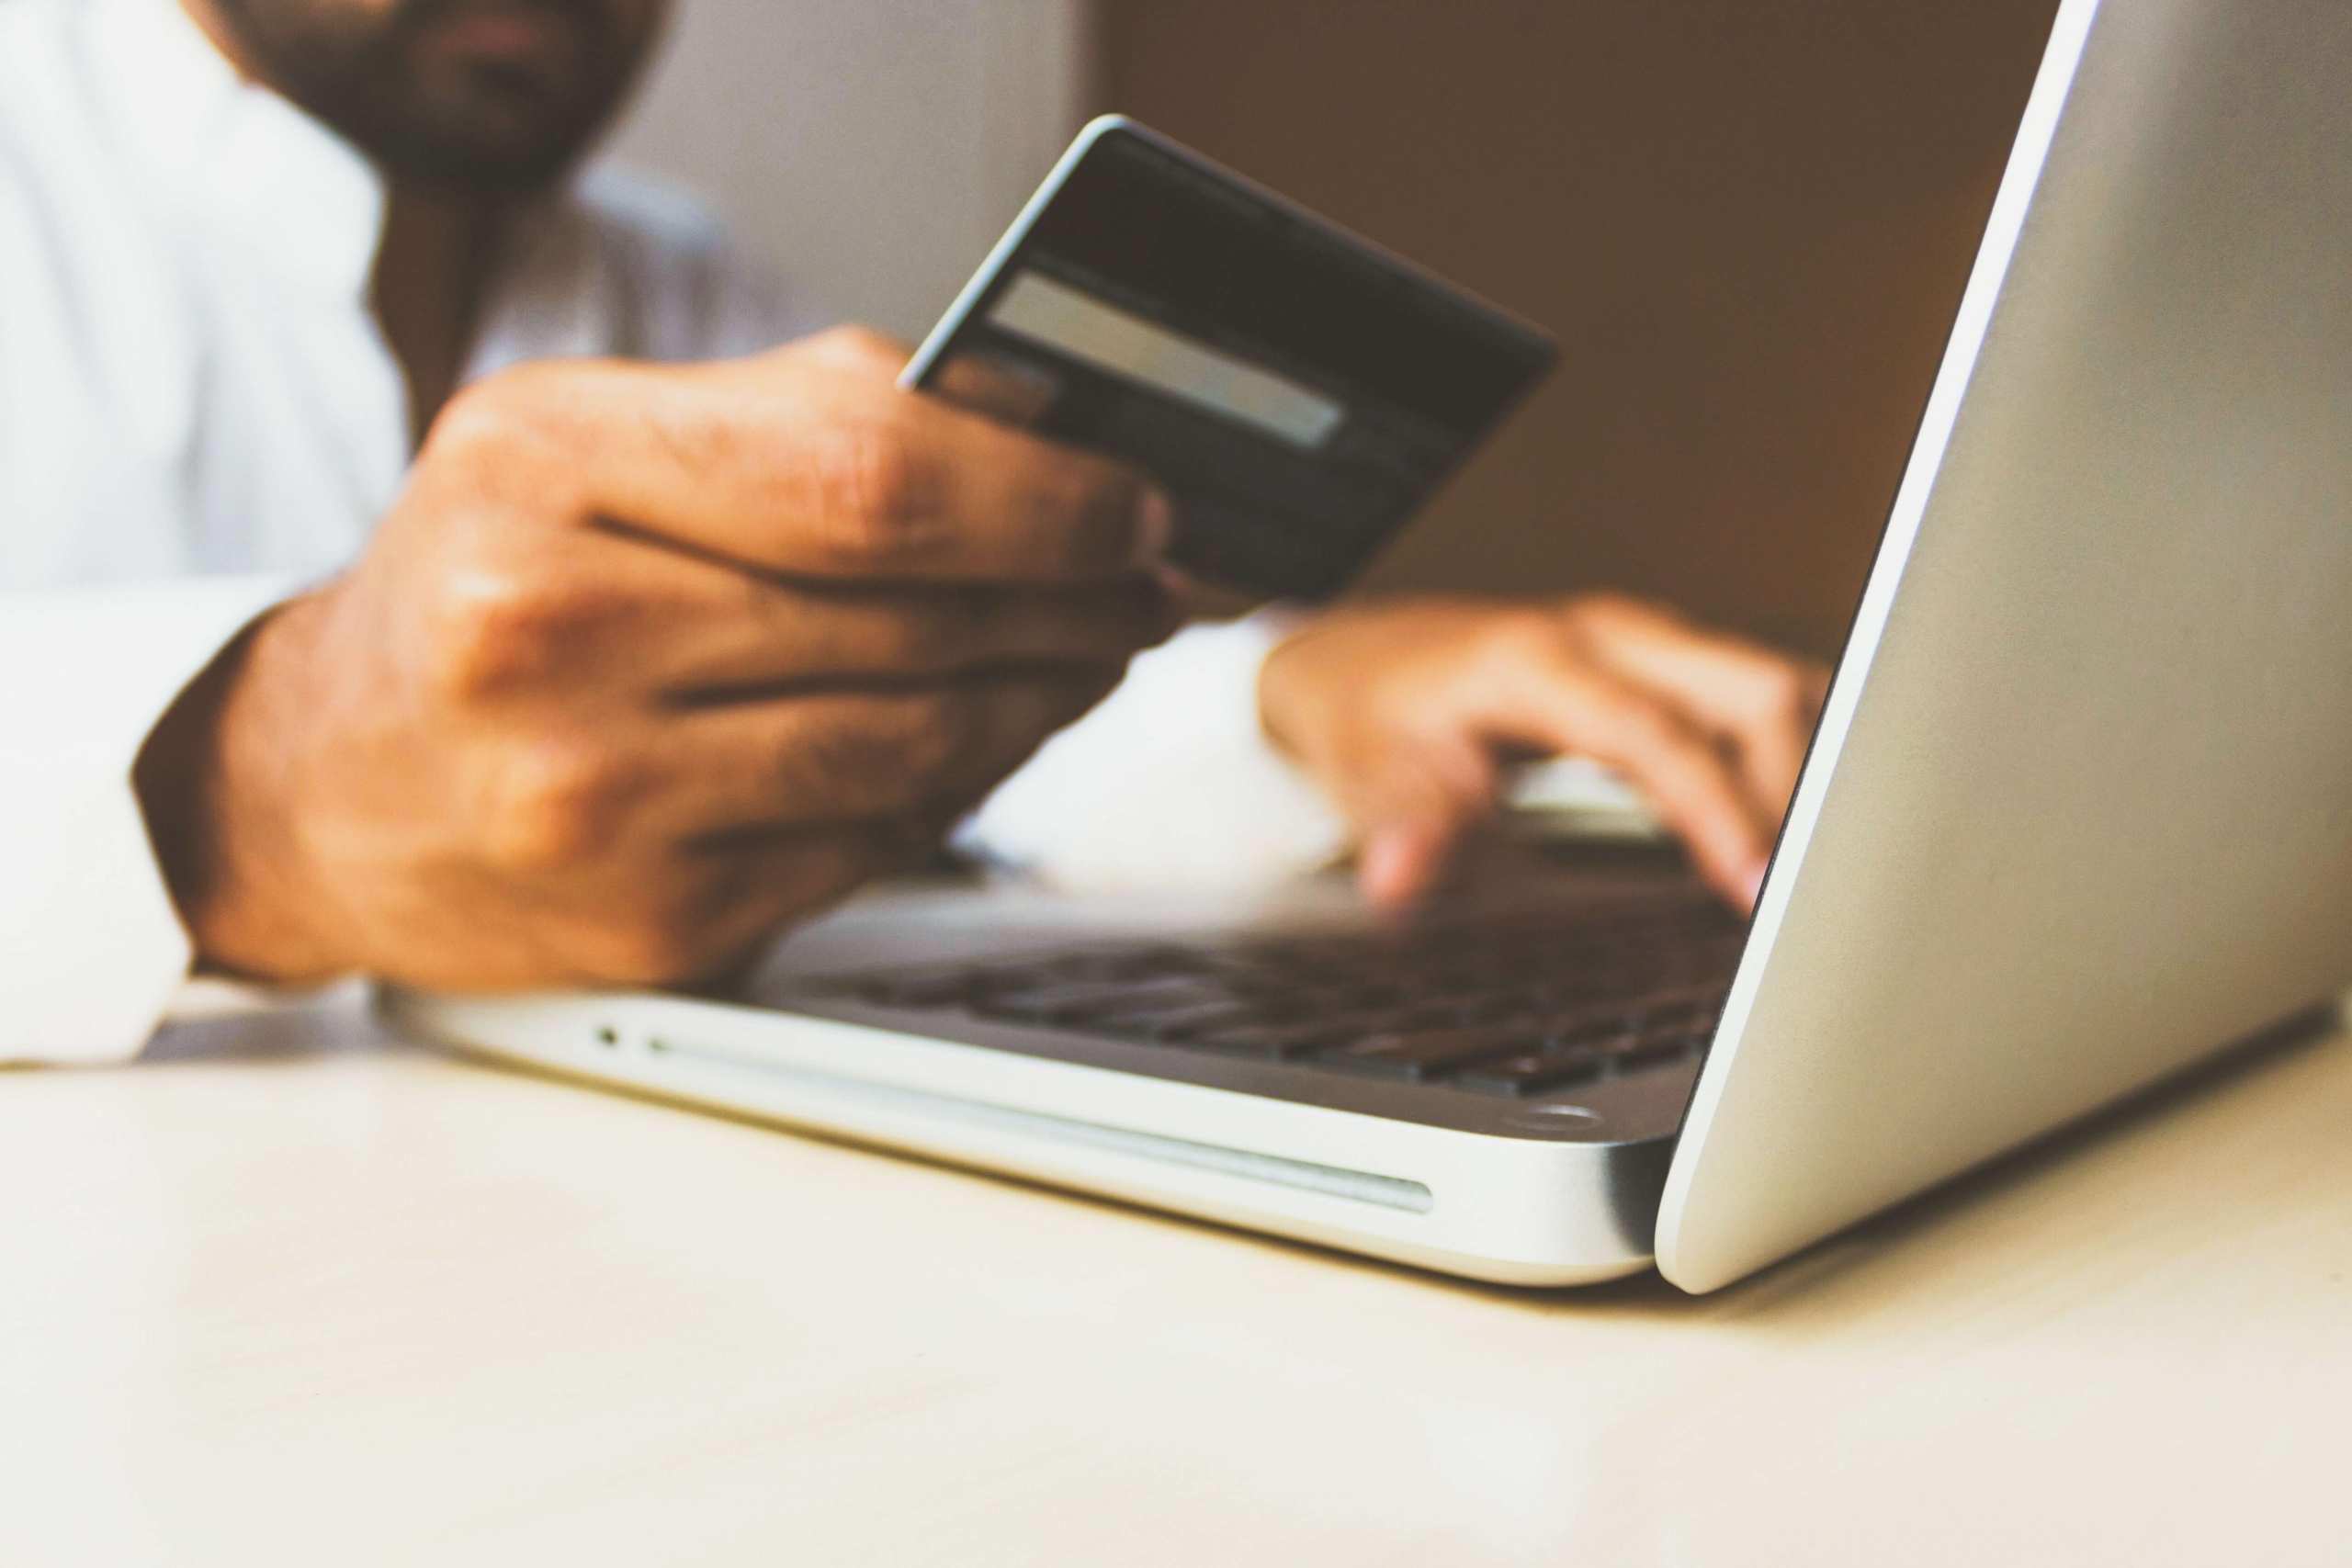 Achat sur site e-commerce